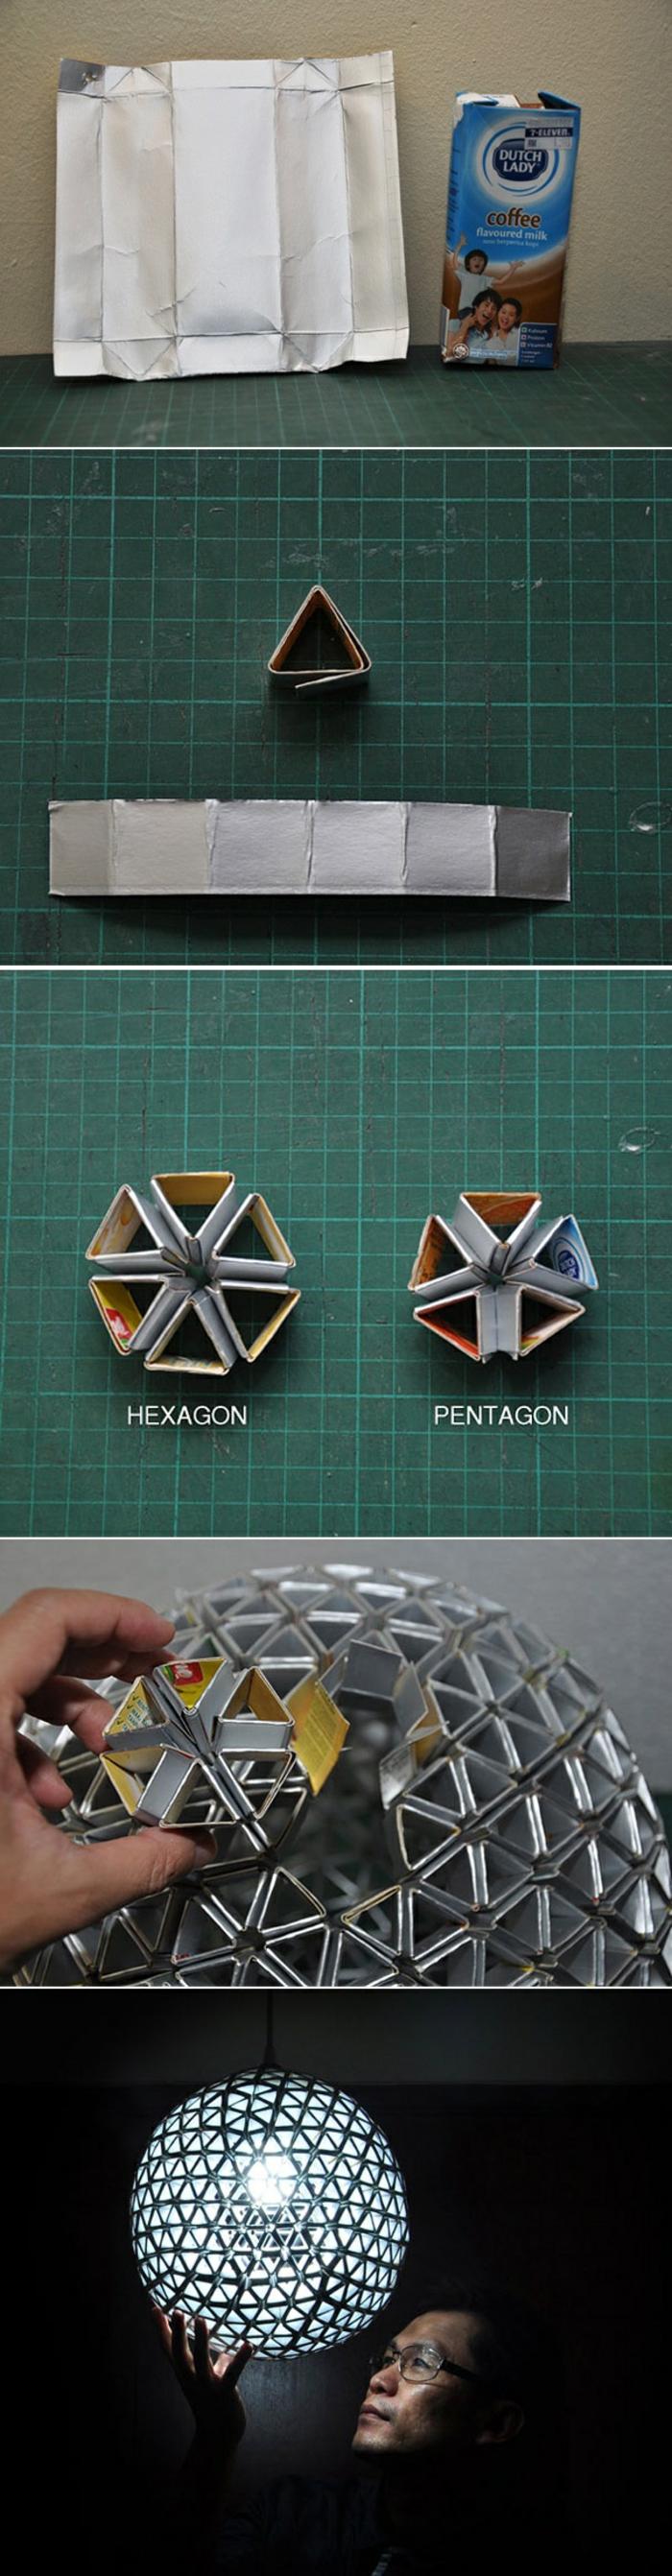 bricolage decoration facile, idée comment faire une lampe suspendue originale avec figurines géométriques en carton